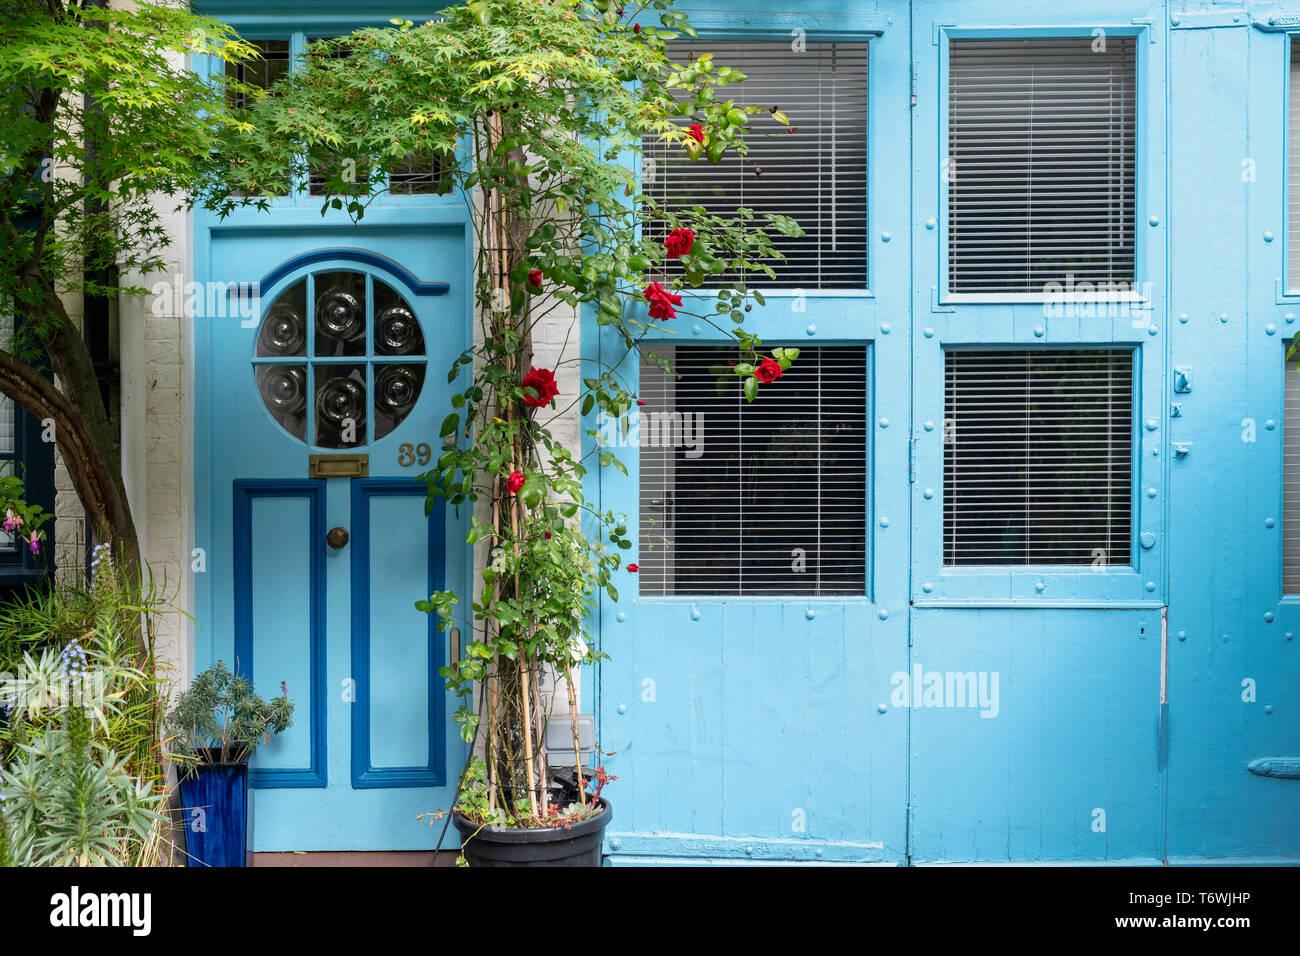 Blaues Haus und rote Rosen in Bathurst Mews, Hyde Park, Bayswater, London, England Stockfoto